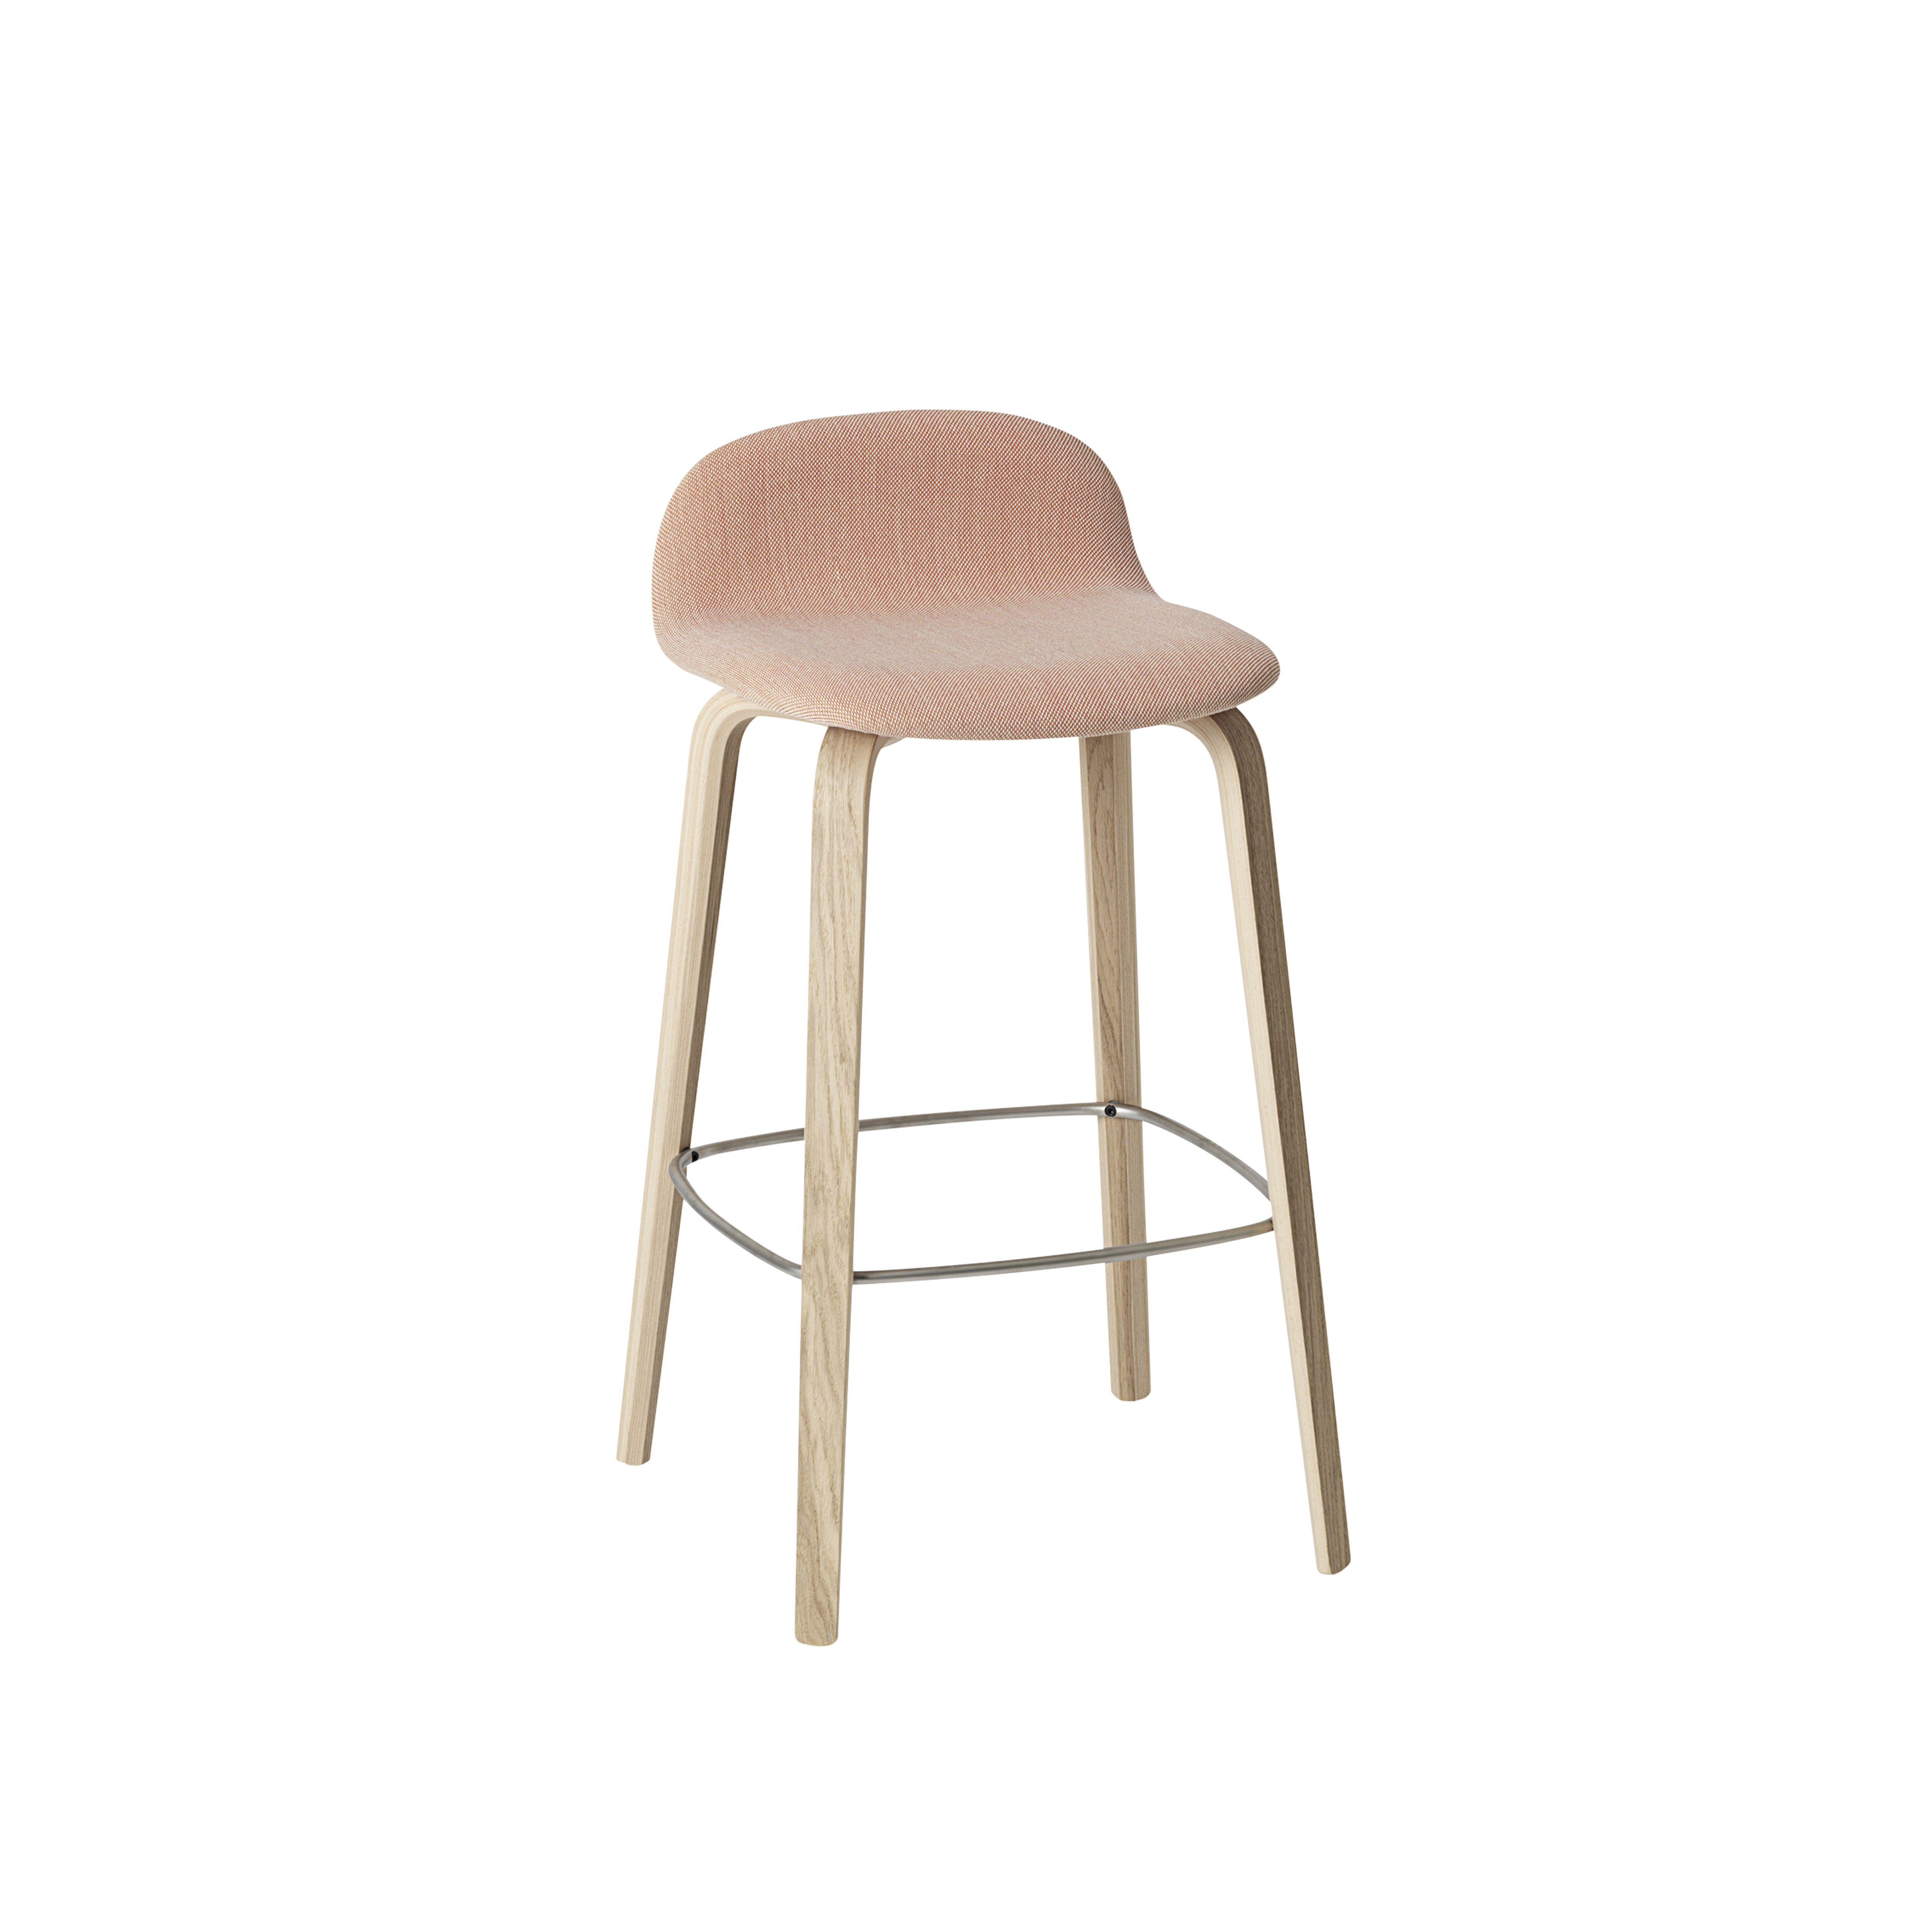 Visu Barstool With Textile Seat In Steelcut Trio 515, Designed